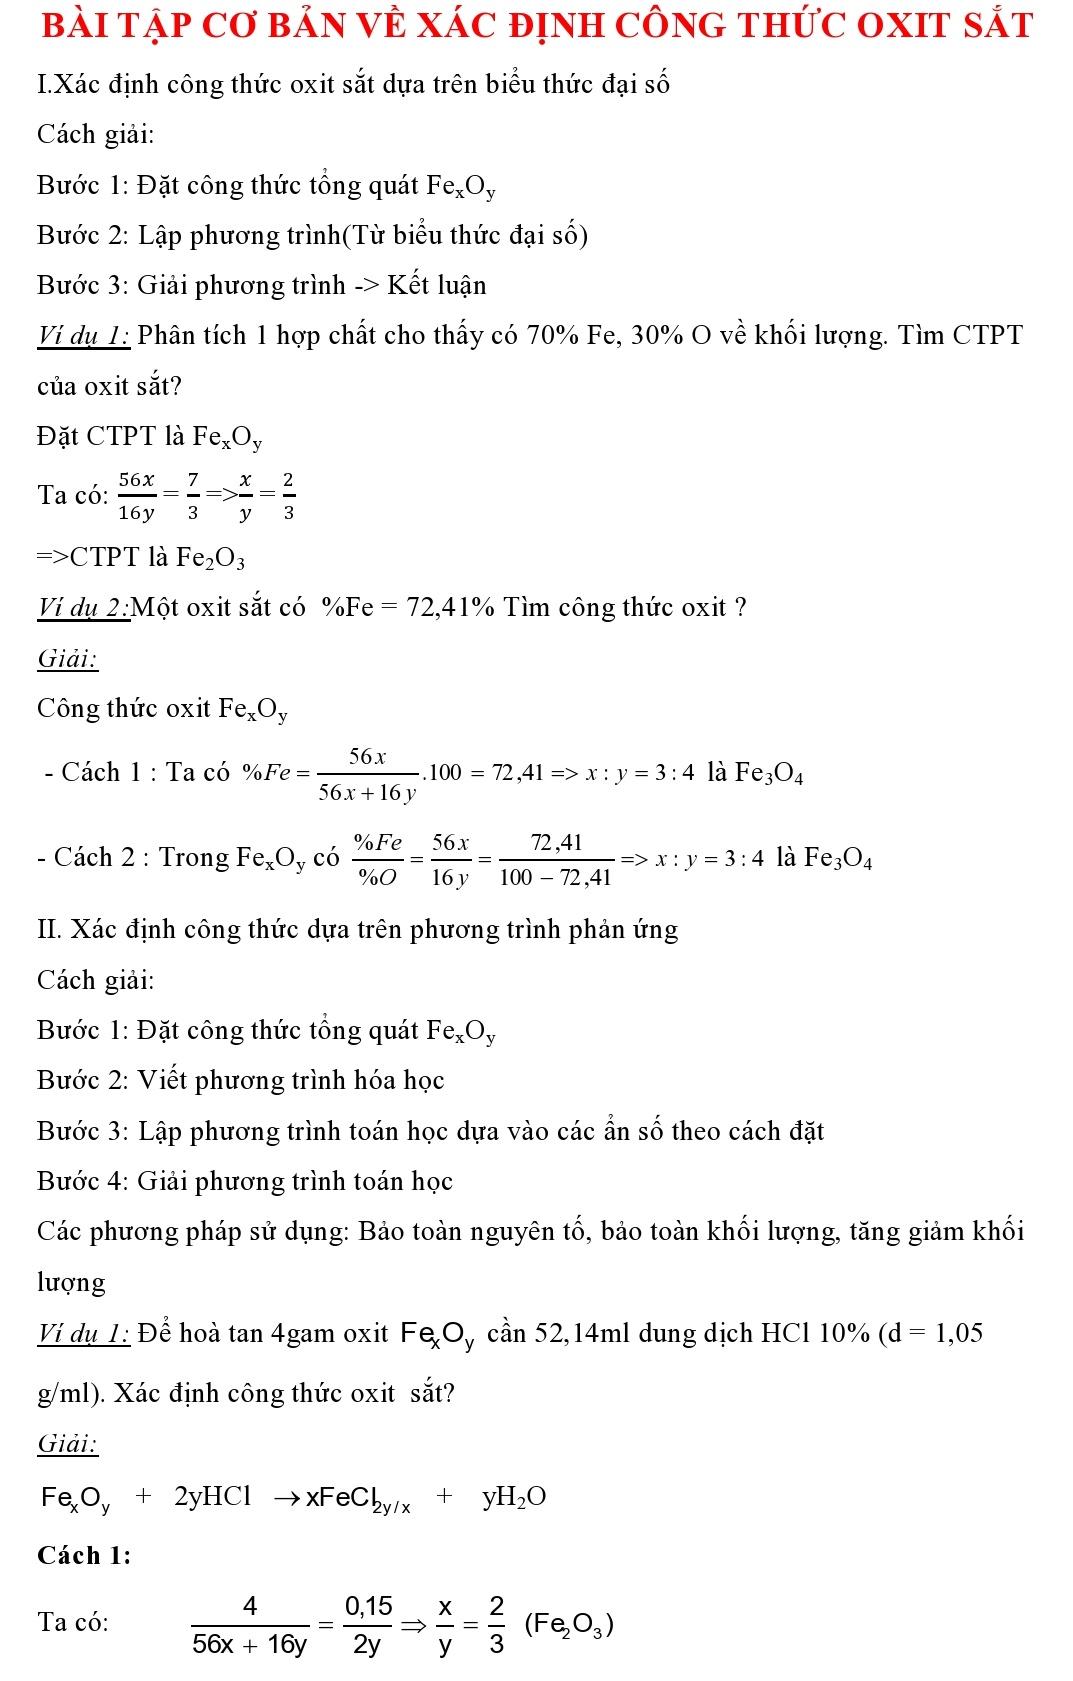 Bài tập cơ bản về xác định công thức oxit sắt